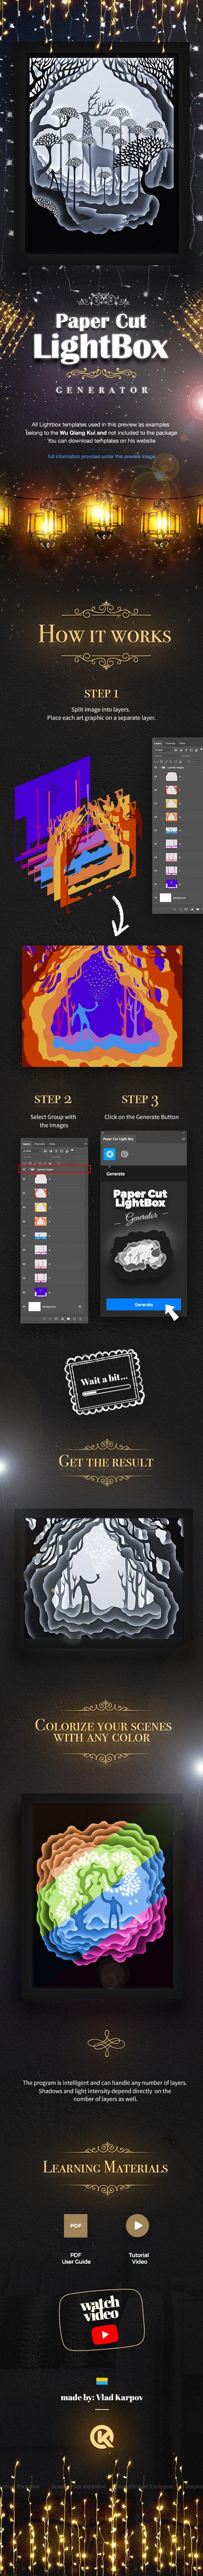 Paper Cut Light Box - Actions Photoshop